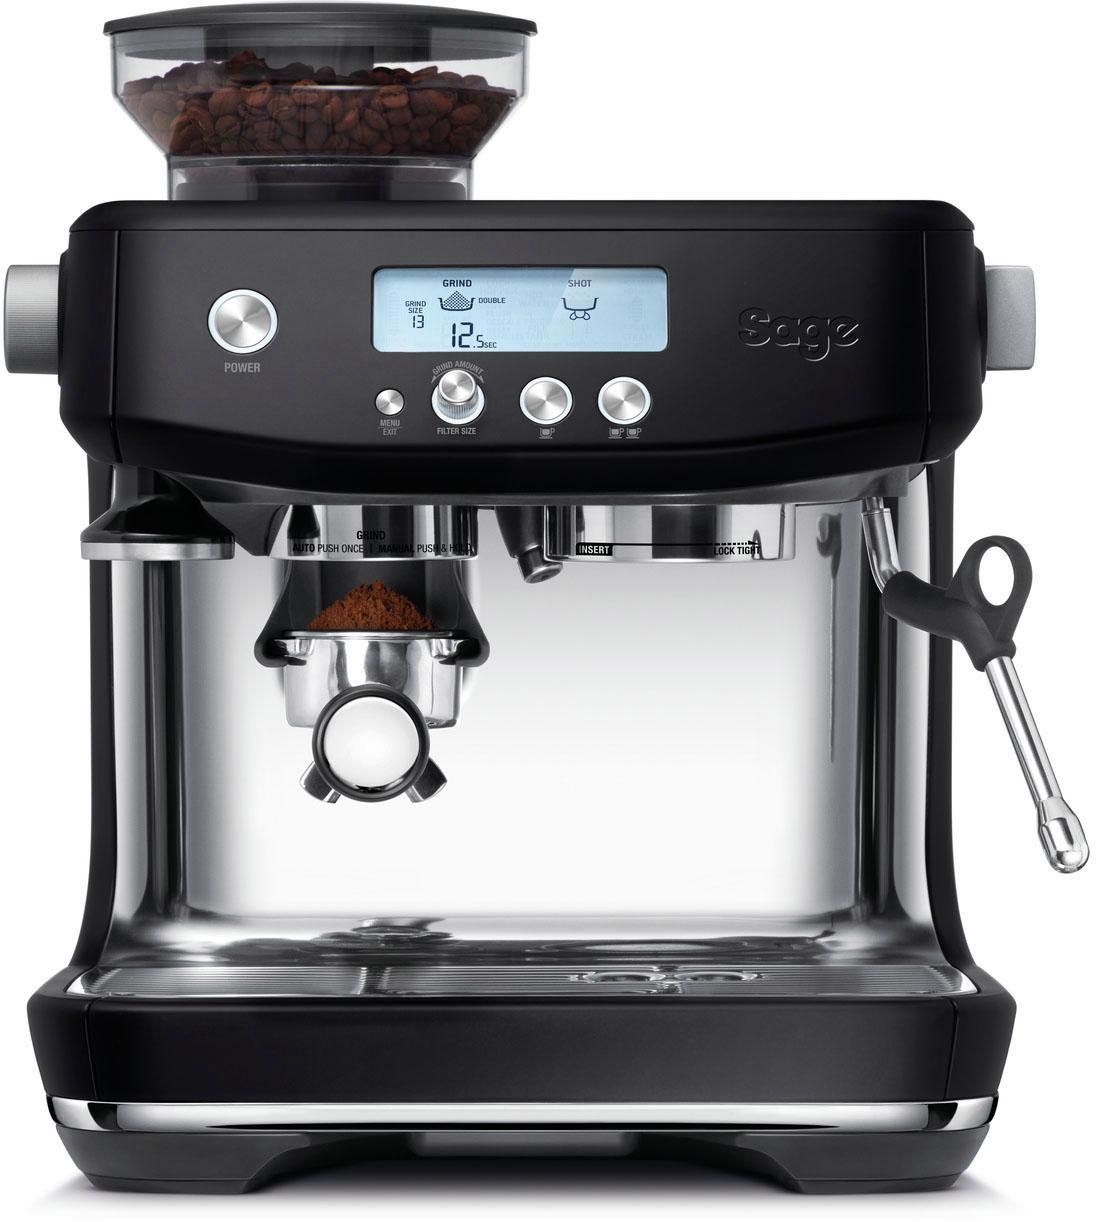 Sage Espressomaschine The Barista Pro SES878BTR4EEU1 | Küche und Esszimmer > Kaffee und Tee > Espressomaschinen | Schwarz | Sage